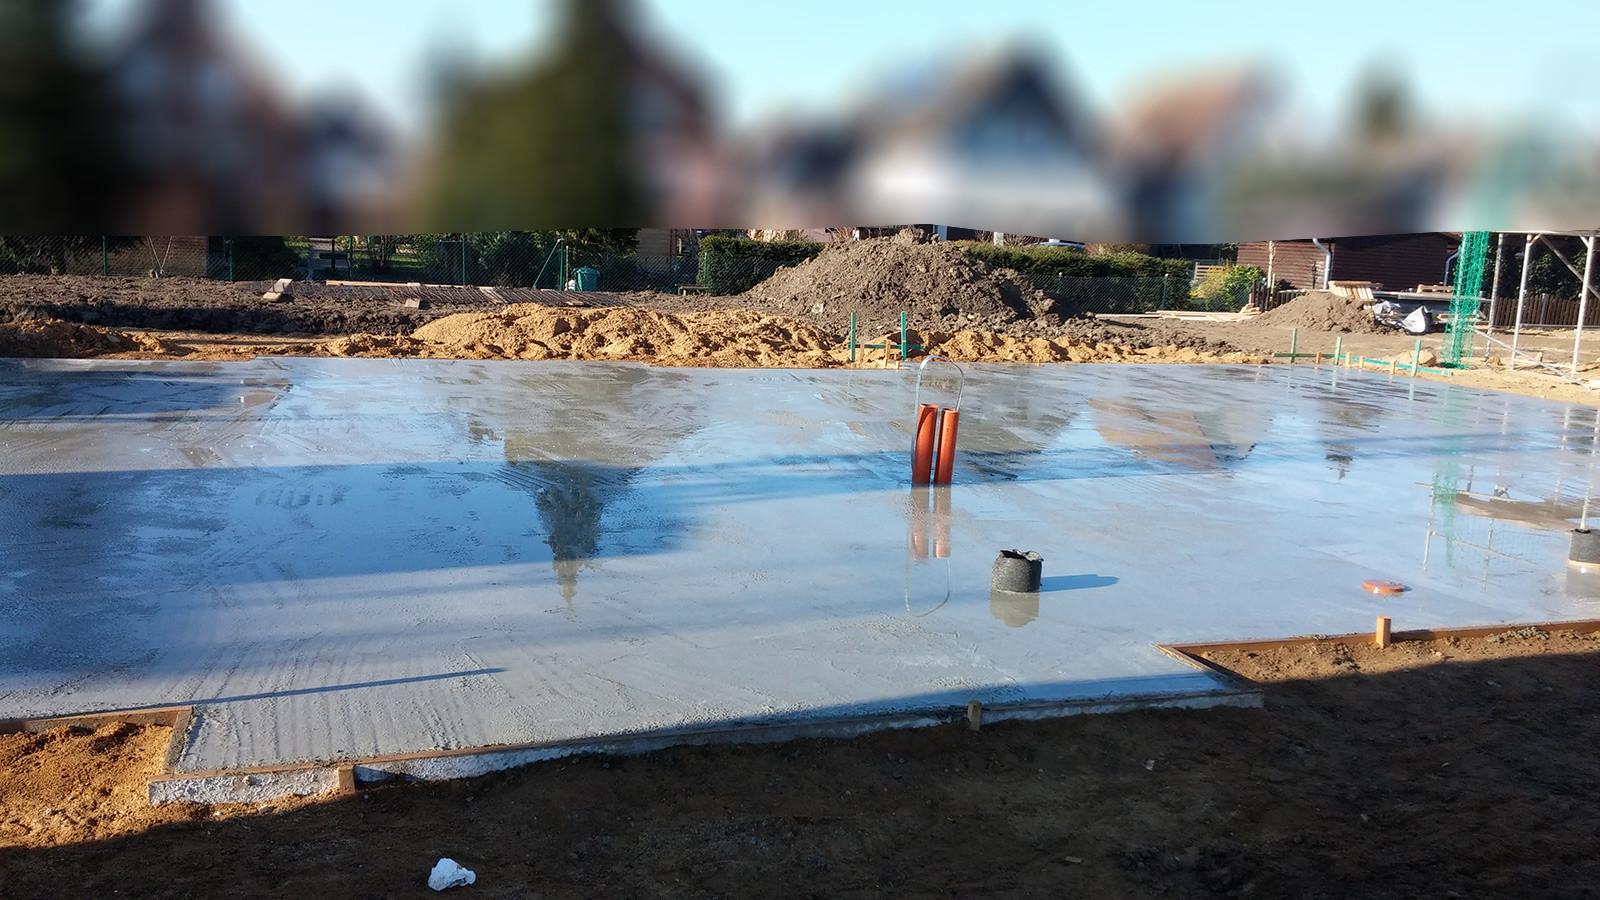 Innovativ Bodenplatte betonieren: Bewehrung verlegen und Beton gießen CG44